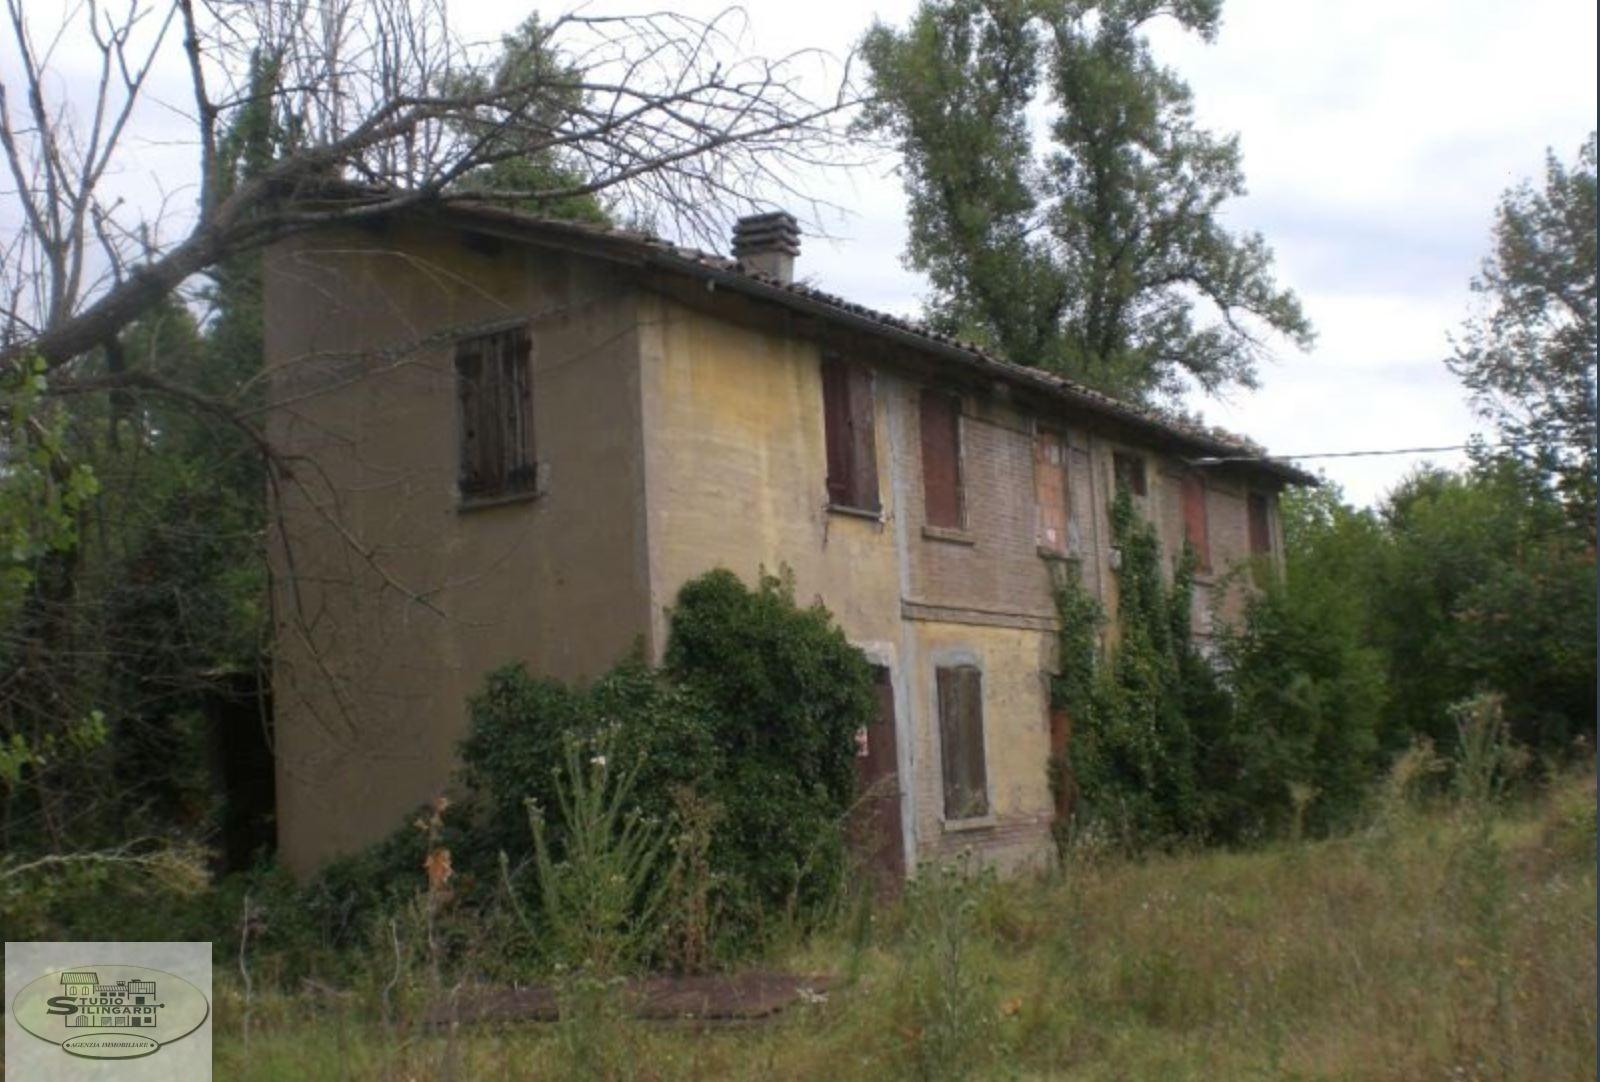 Rustico / Casale in vendita a Formigine, 10 locali, zona Zona: Casinalbo, prezzo € 360.000 | CambioCasa.it